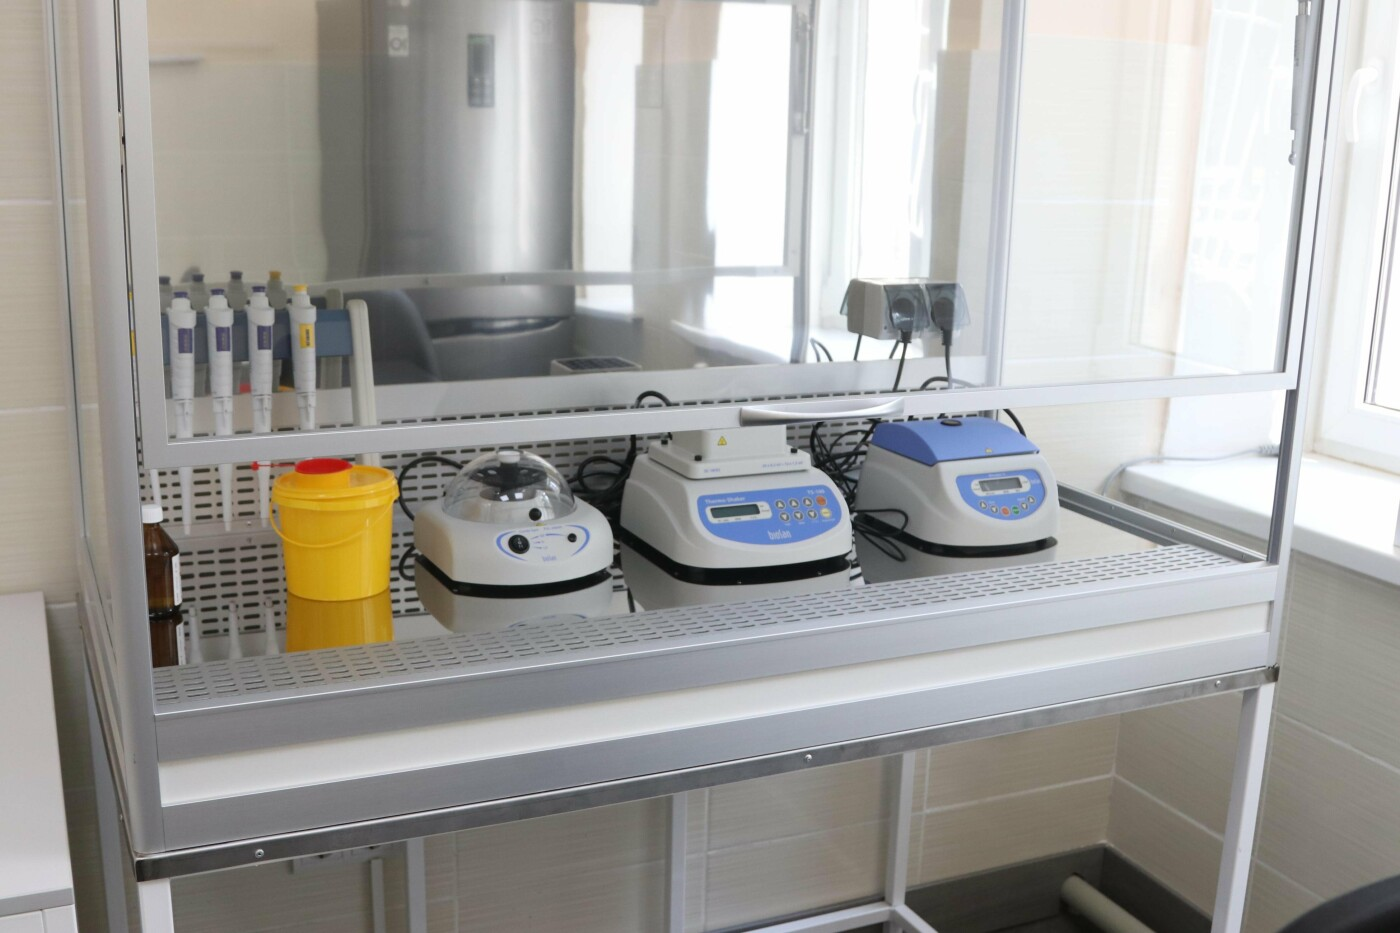 Мер К. Павлов: Продовжуємо зміцнювати діагностичну базу медзакладів міста - лабораторія в інфекційній лікарні  створена для більш ефектив..., фото-6